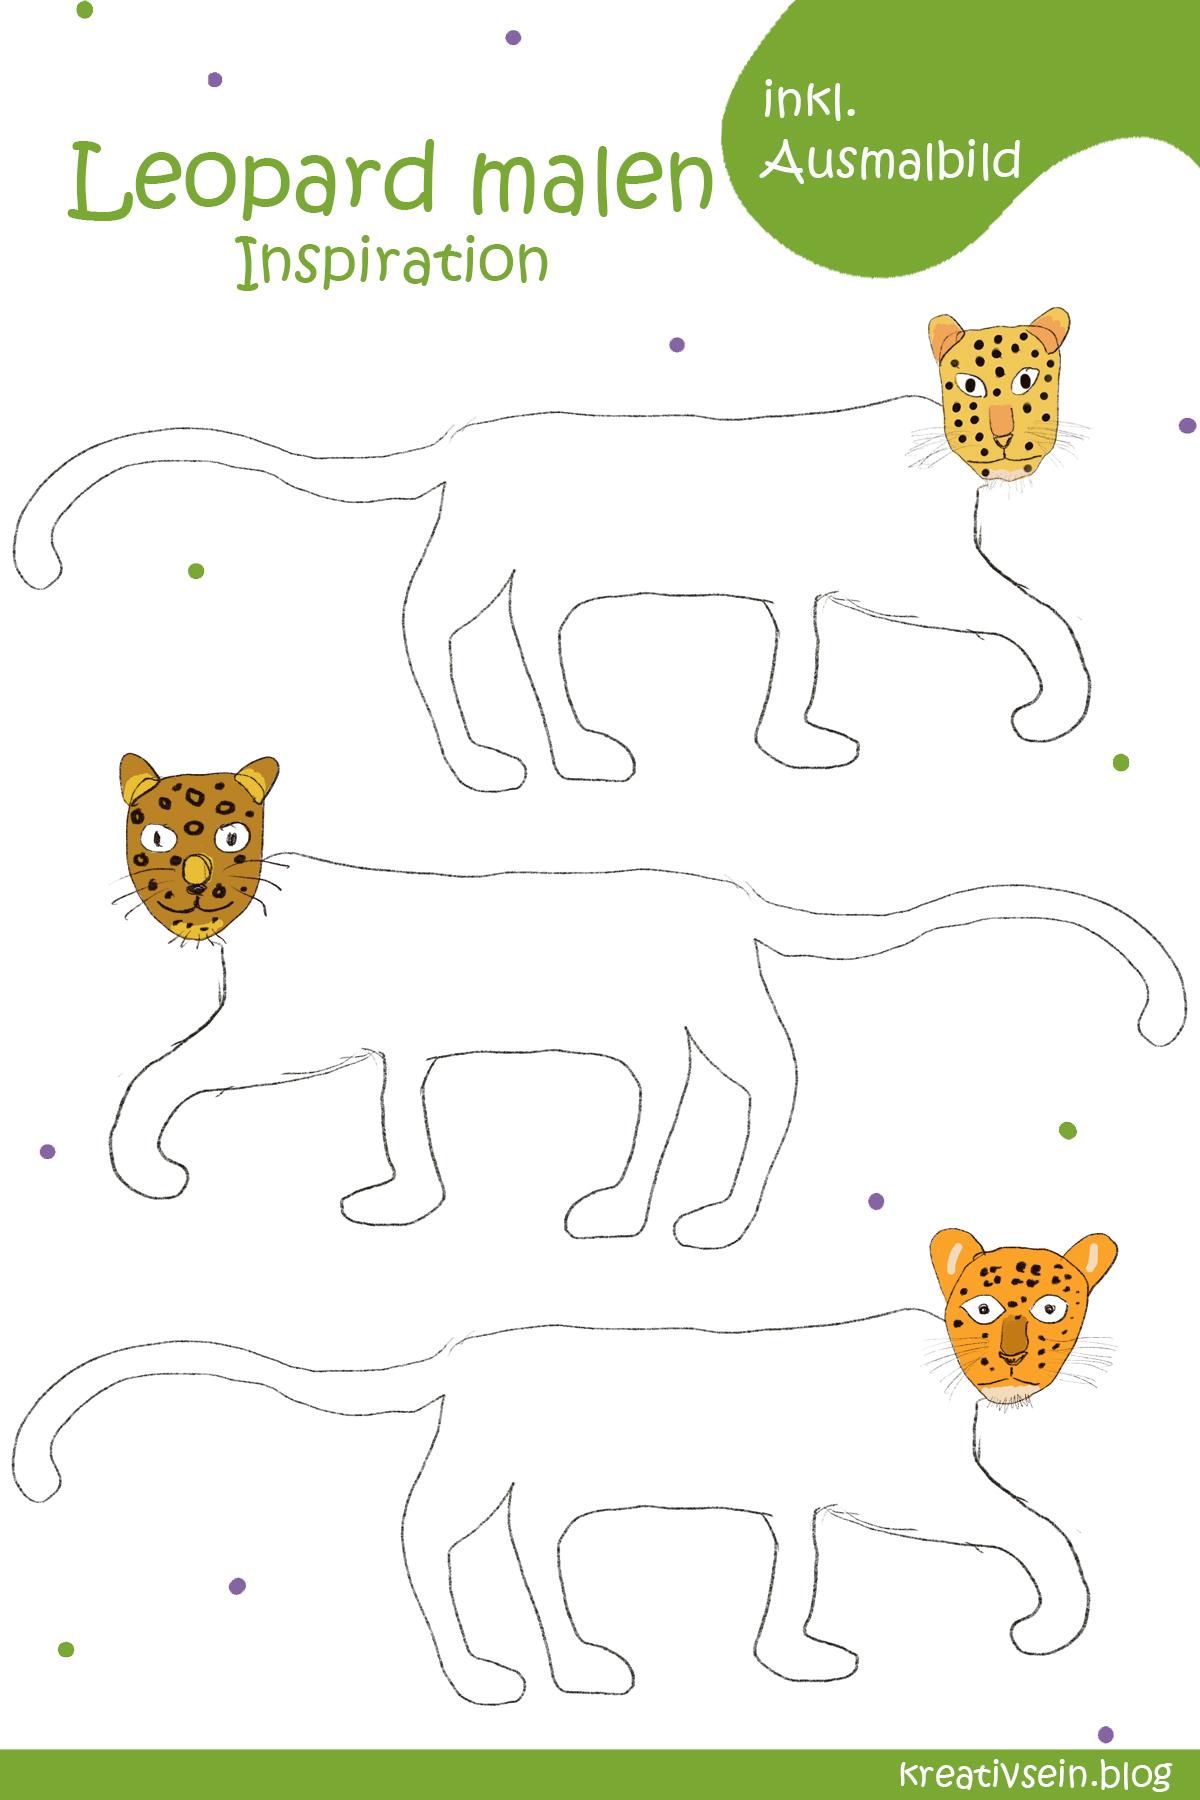 Leopard Malen Inspiration